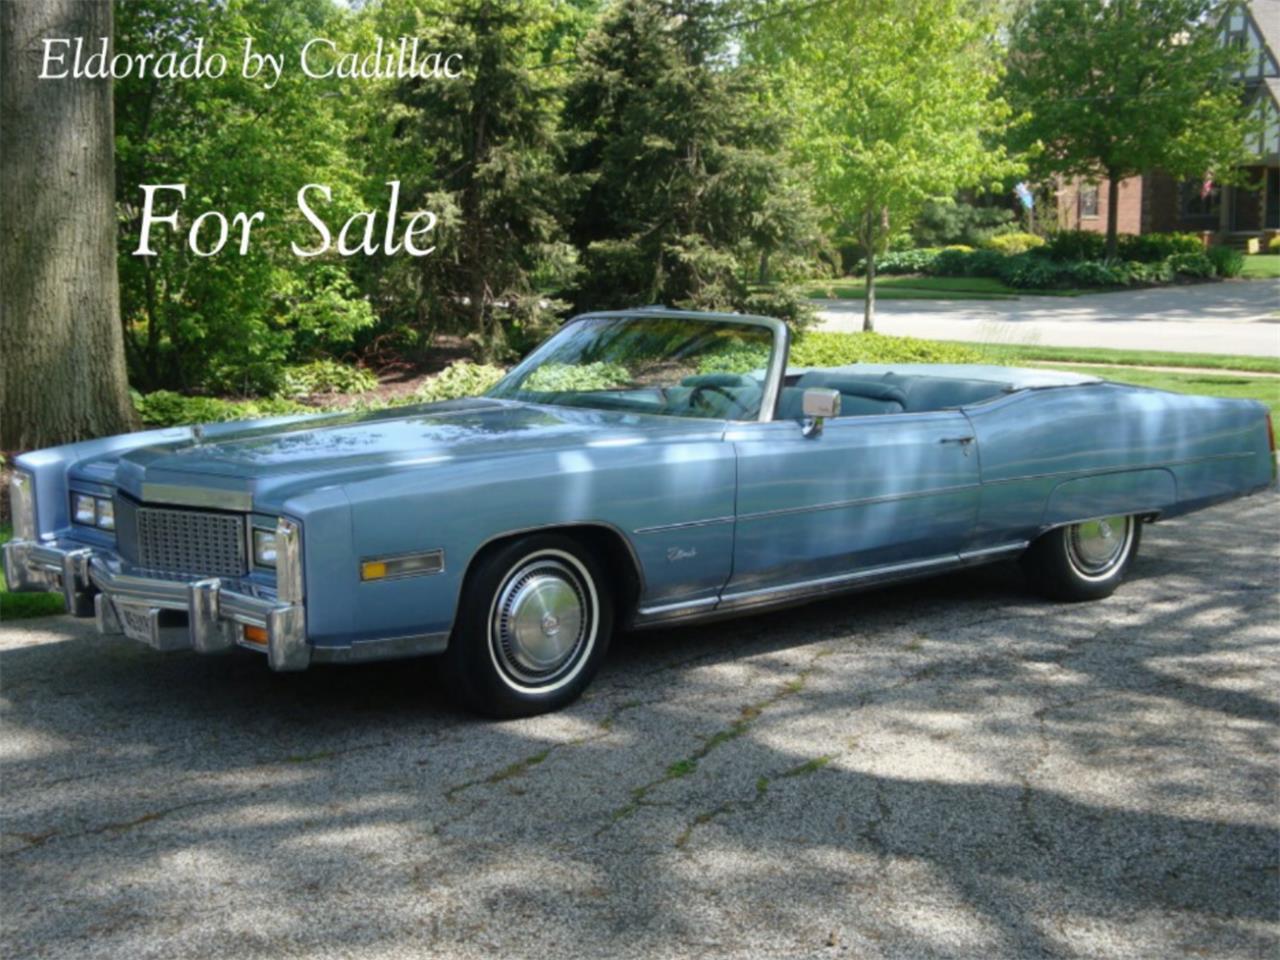 For Sale: 1974 Cadillac Eldorado in Berea, Ohio